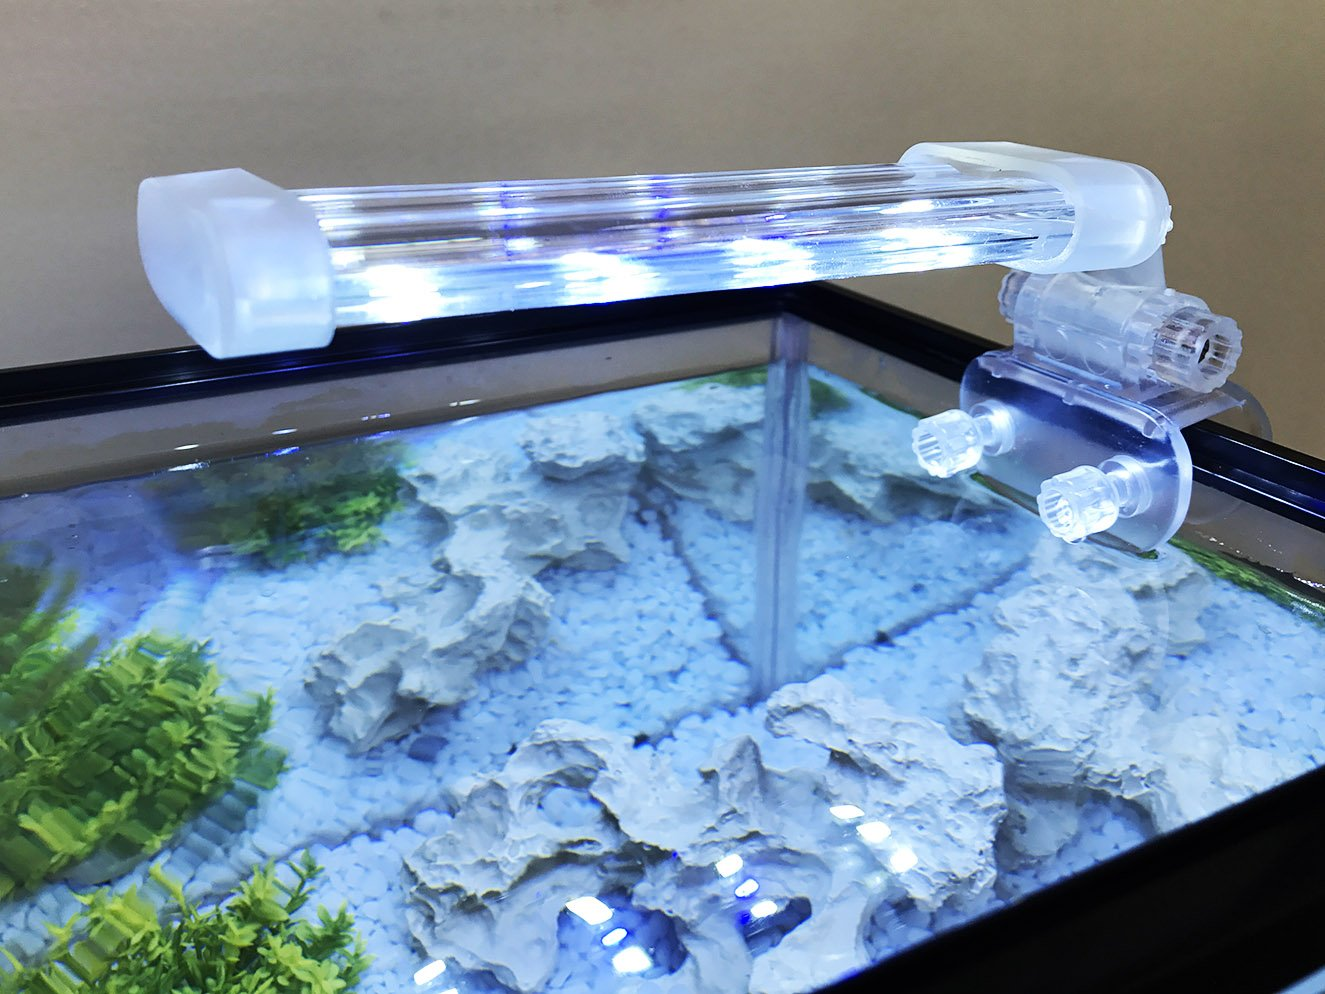 BPS® Lámpara de Acuario LED Iluminación Luces para Plantas Sumergible Luz Blanco y Azul 2 Modelos para Elegir 4W/8W (4W: 150 x 40 mm) BPS-6871: Amazon.es: ...